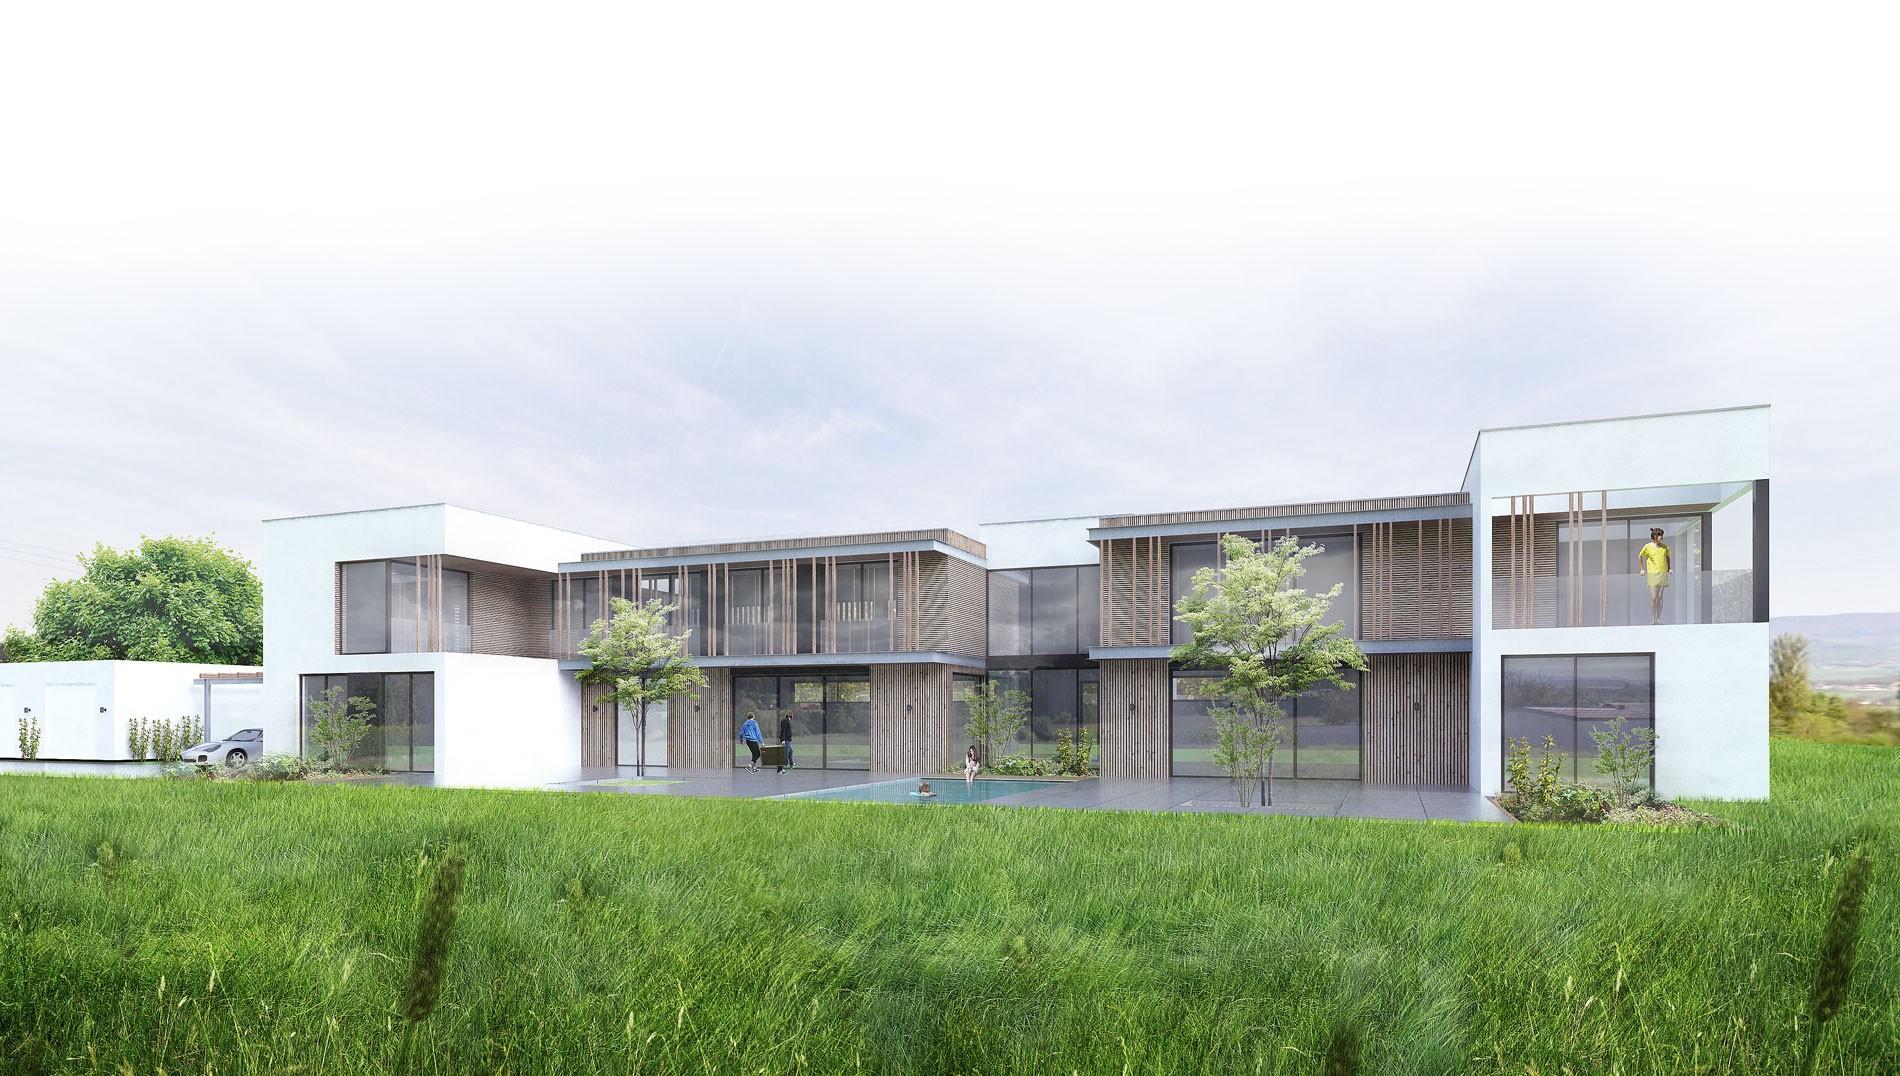 maison contemporaine toiture terrasse bois metal-brique ...